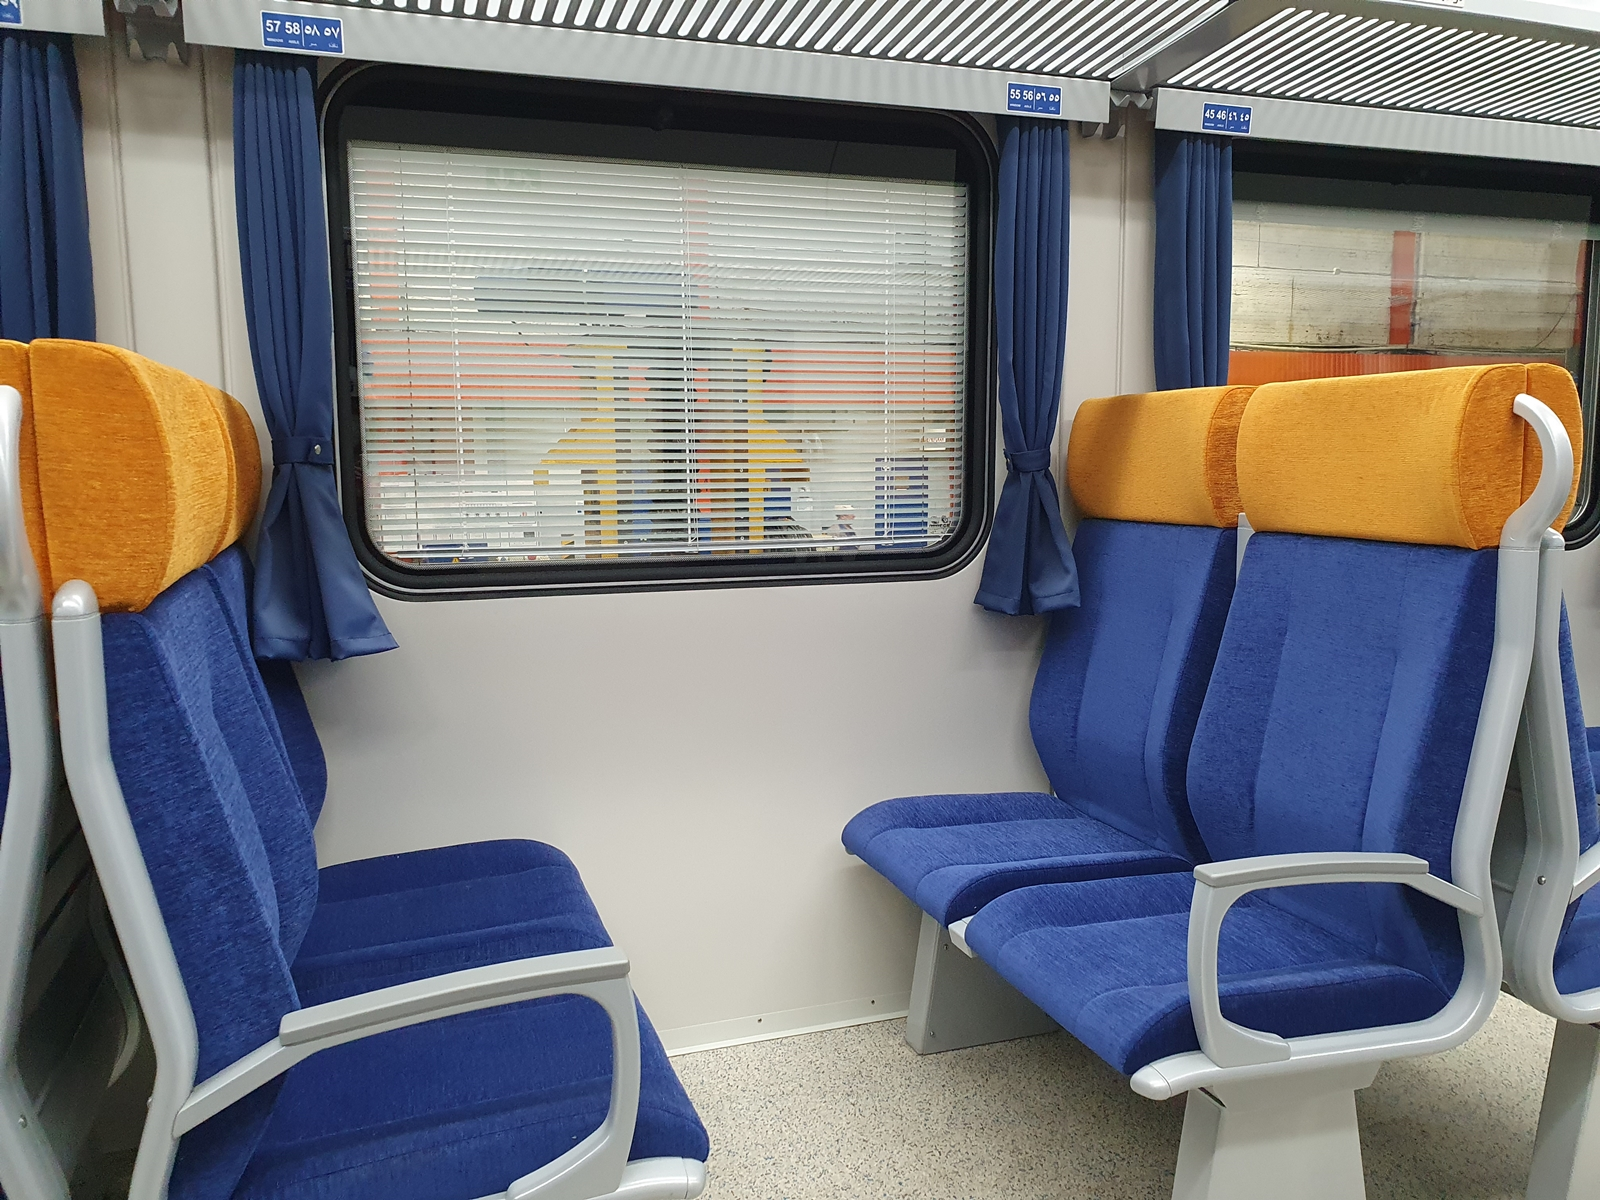 A harmadosztályú, klímás kocsik ablakai több módszerrel gátolják az erős fény és a meleg utastérbe jutását (fotók: TMH)